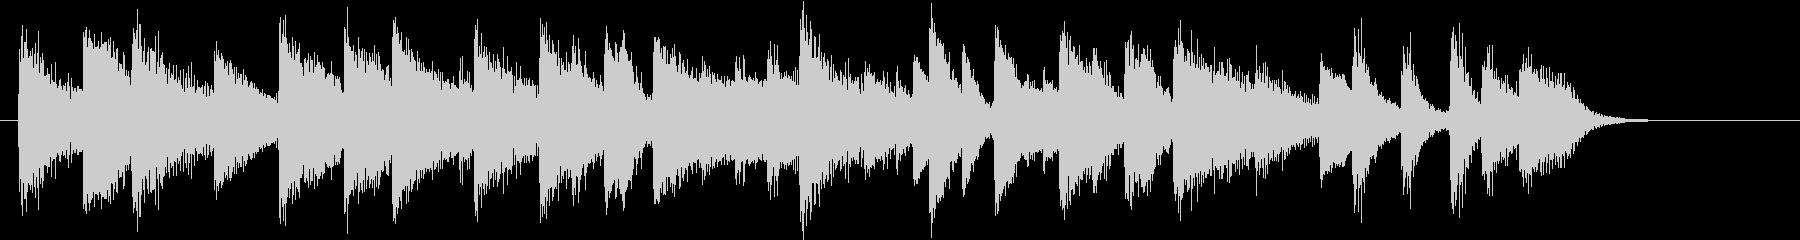 童謡・赤とんぼモチーフのピアノジングルDの未再生の波形